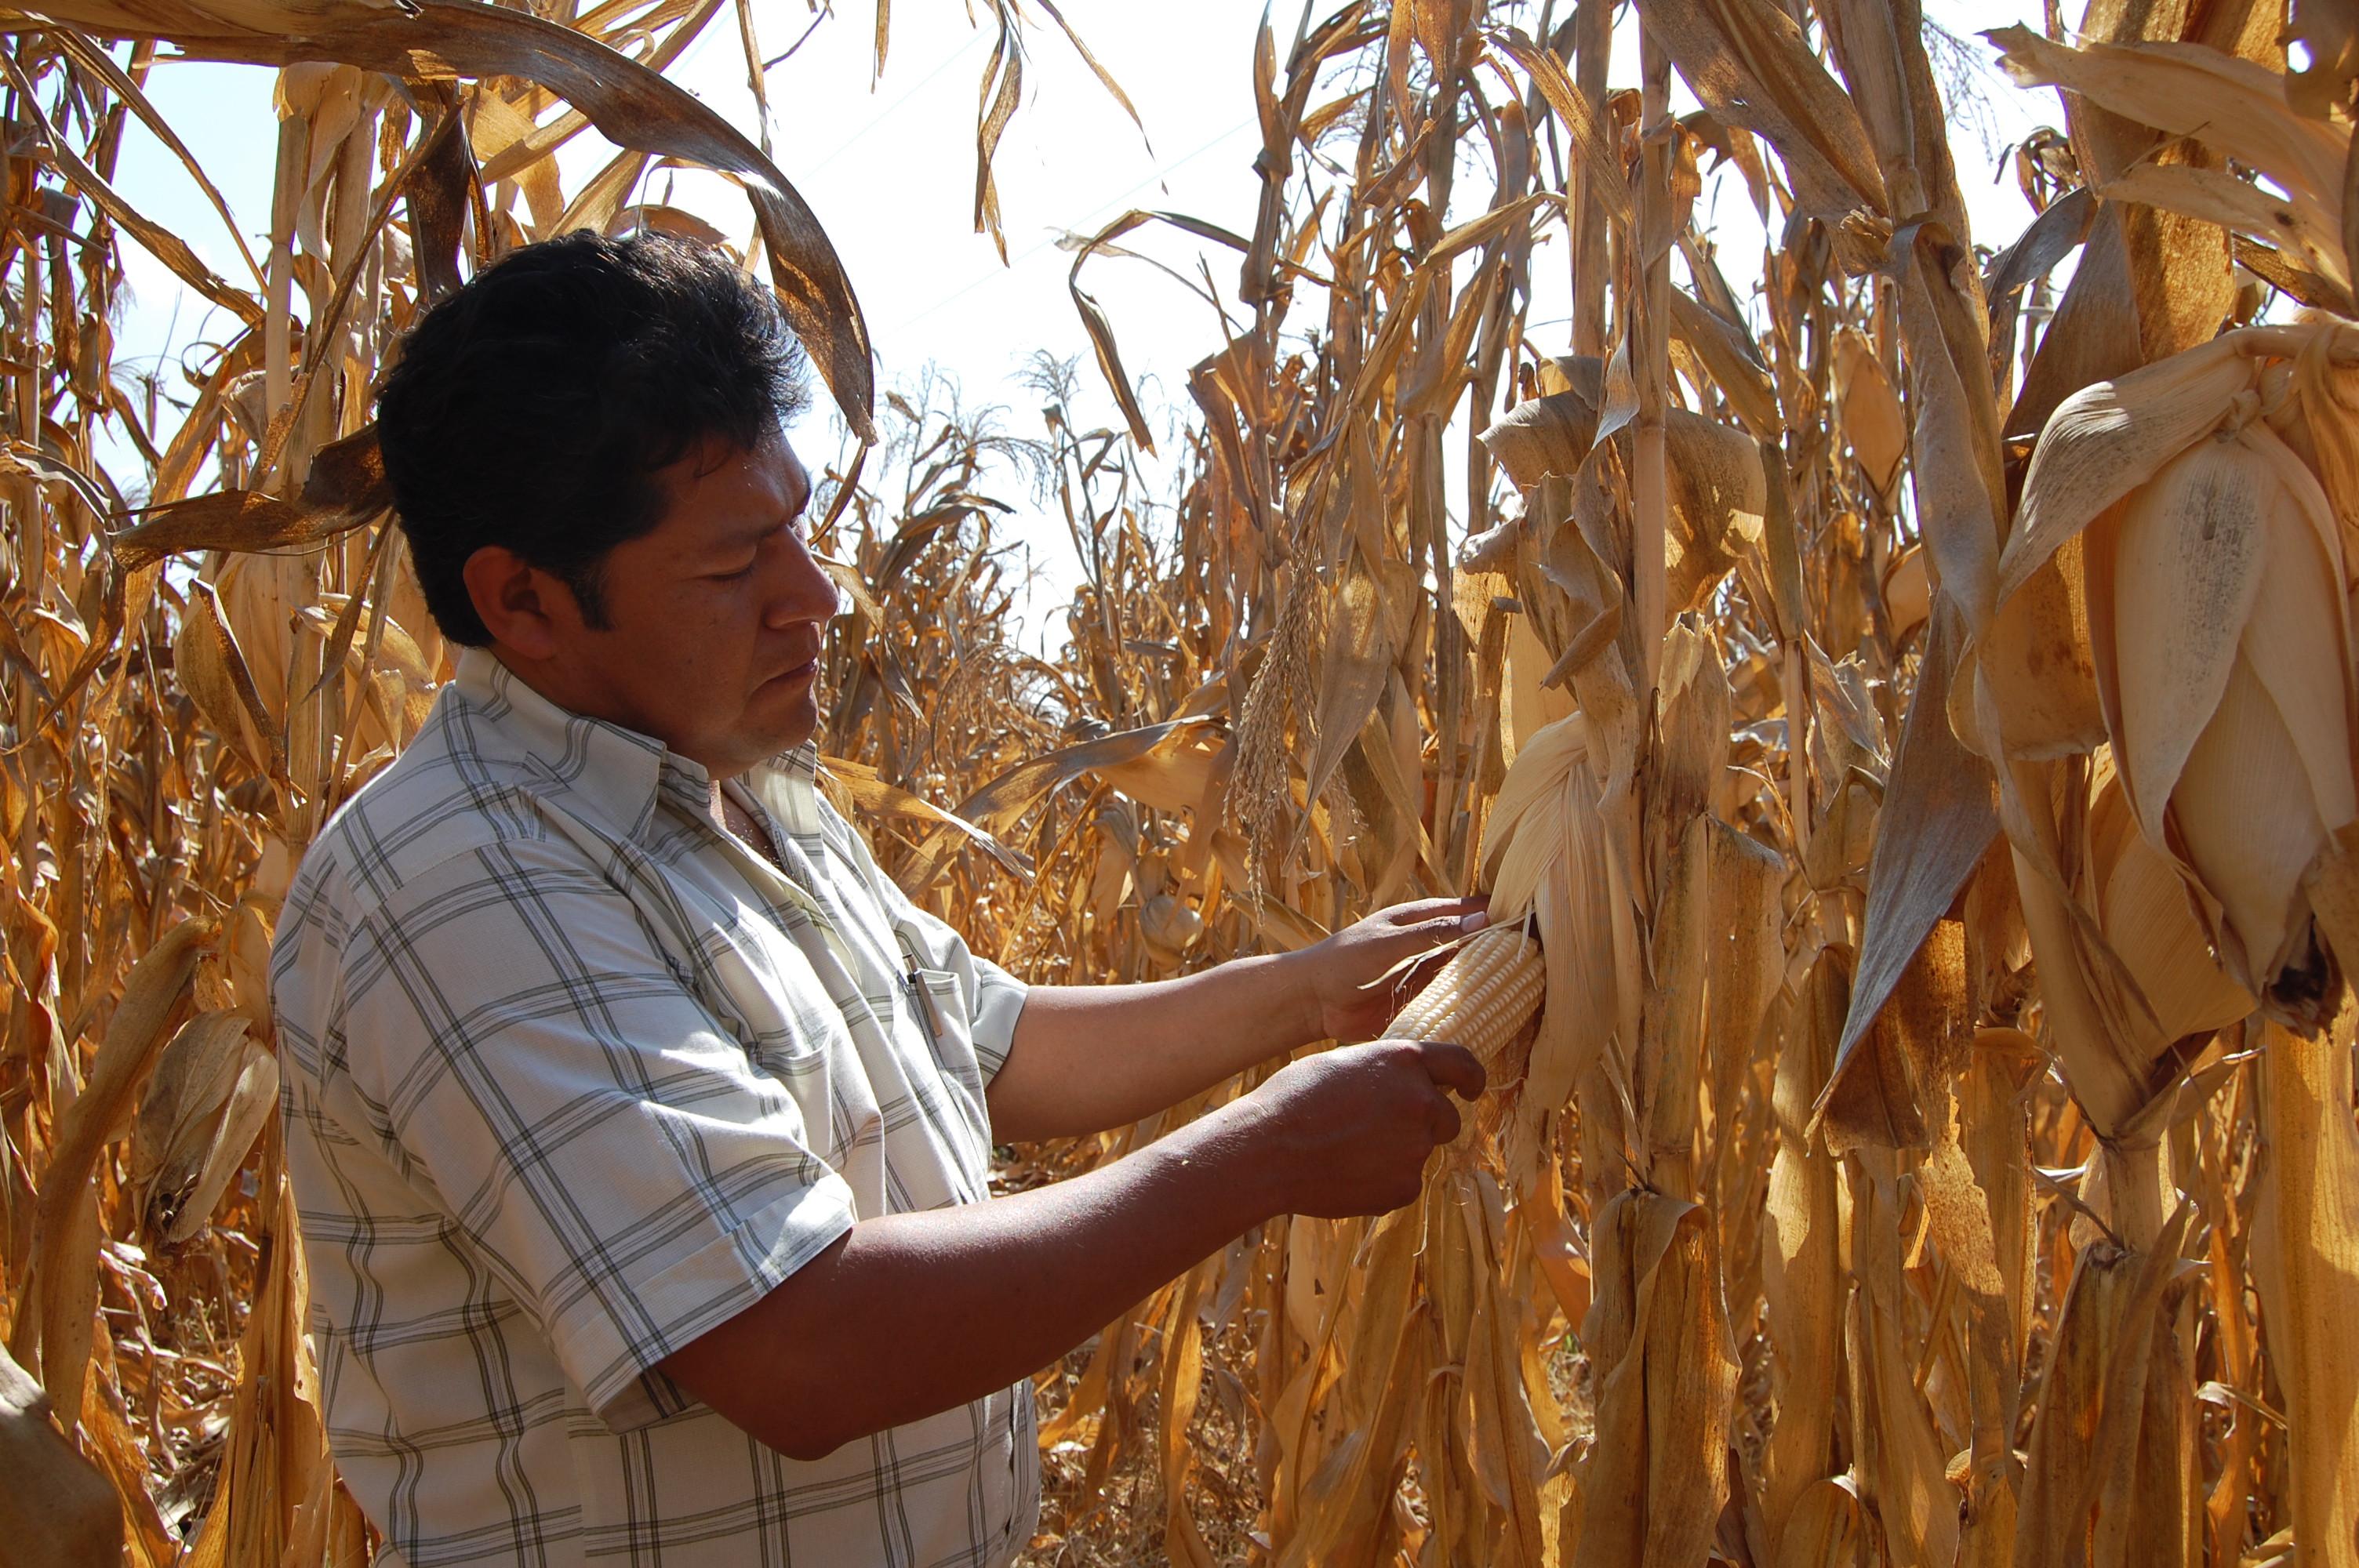 Productor de maíz en la milpa